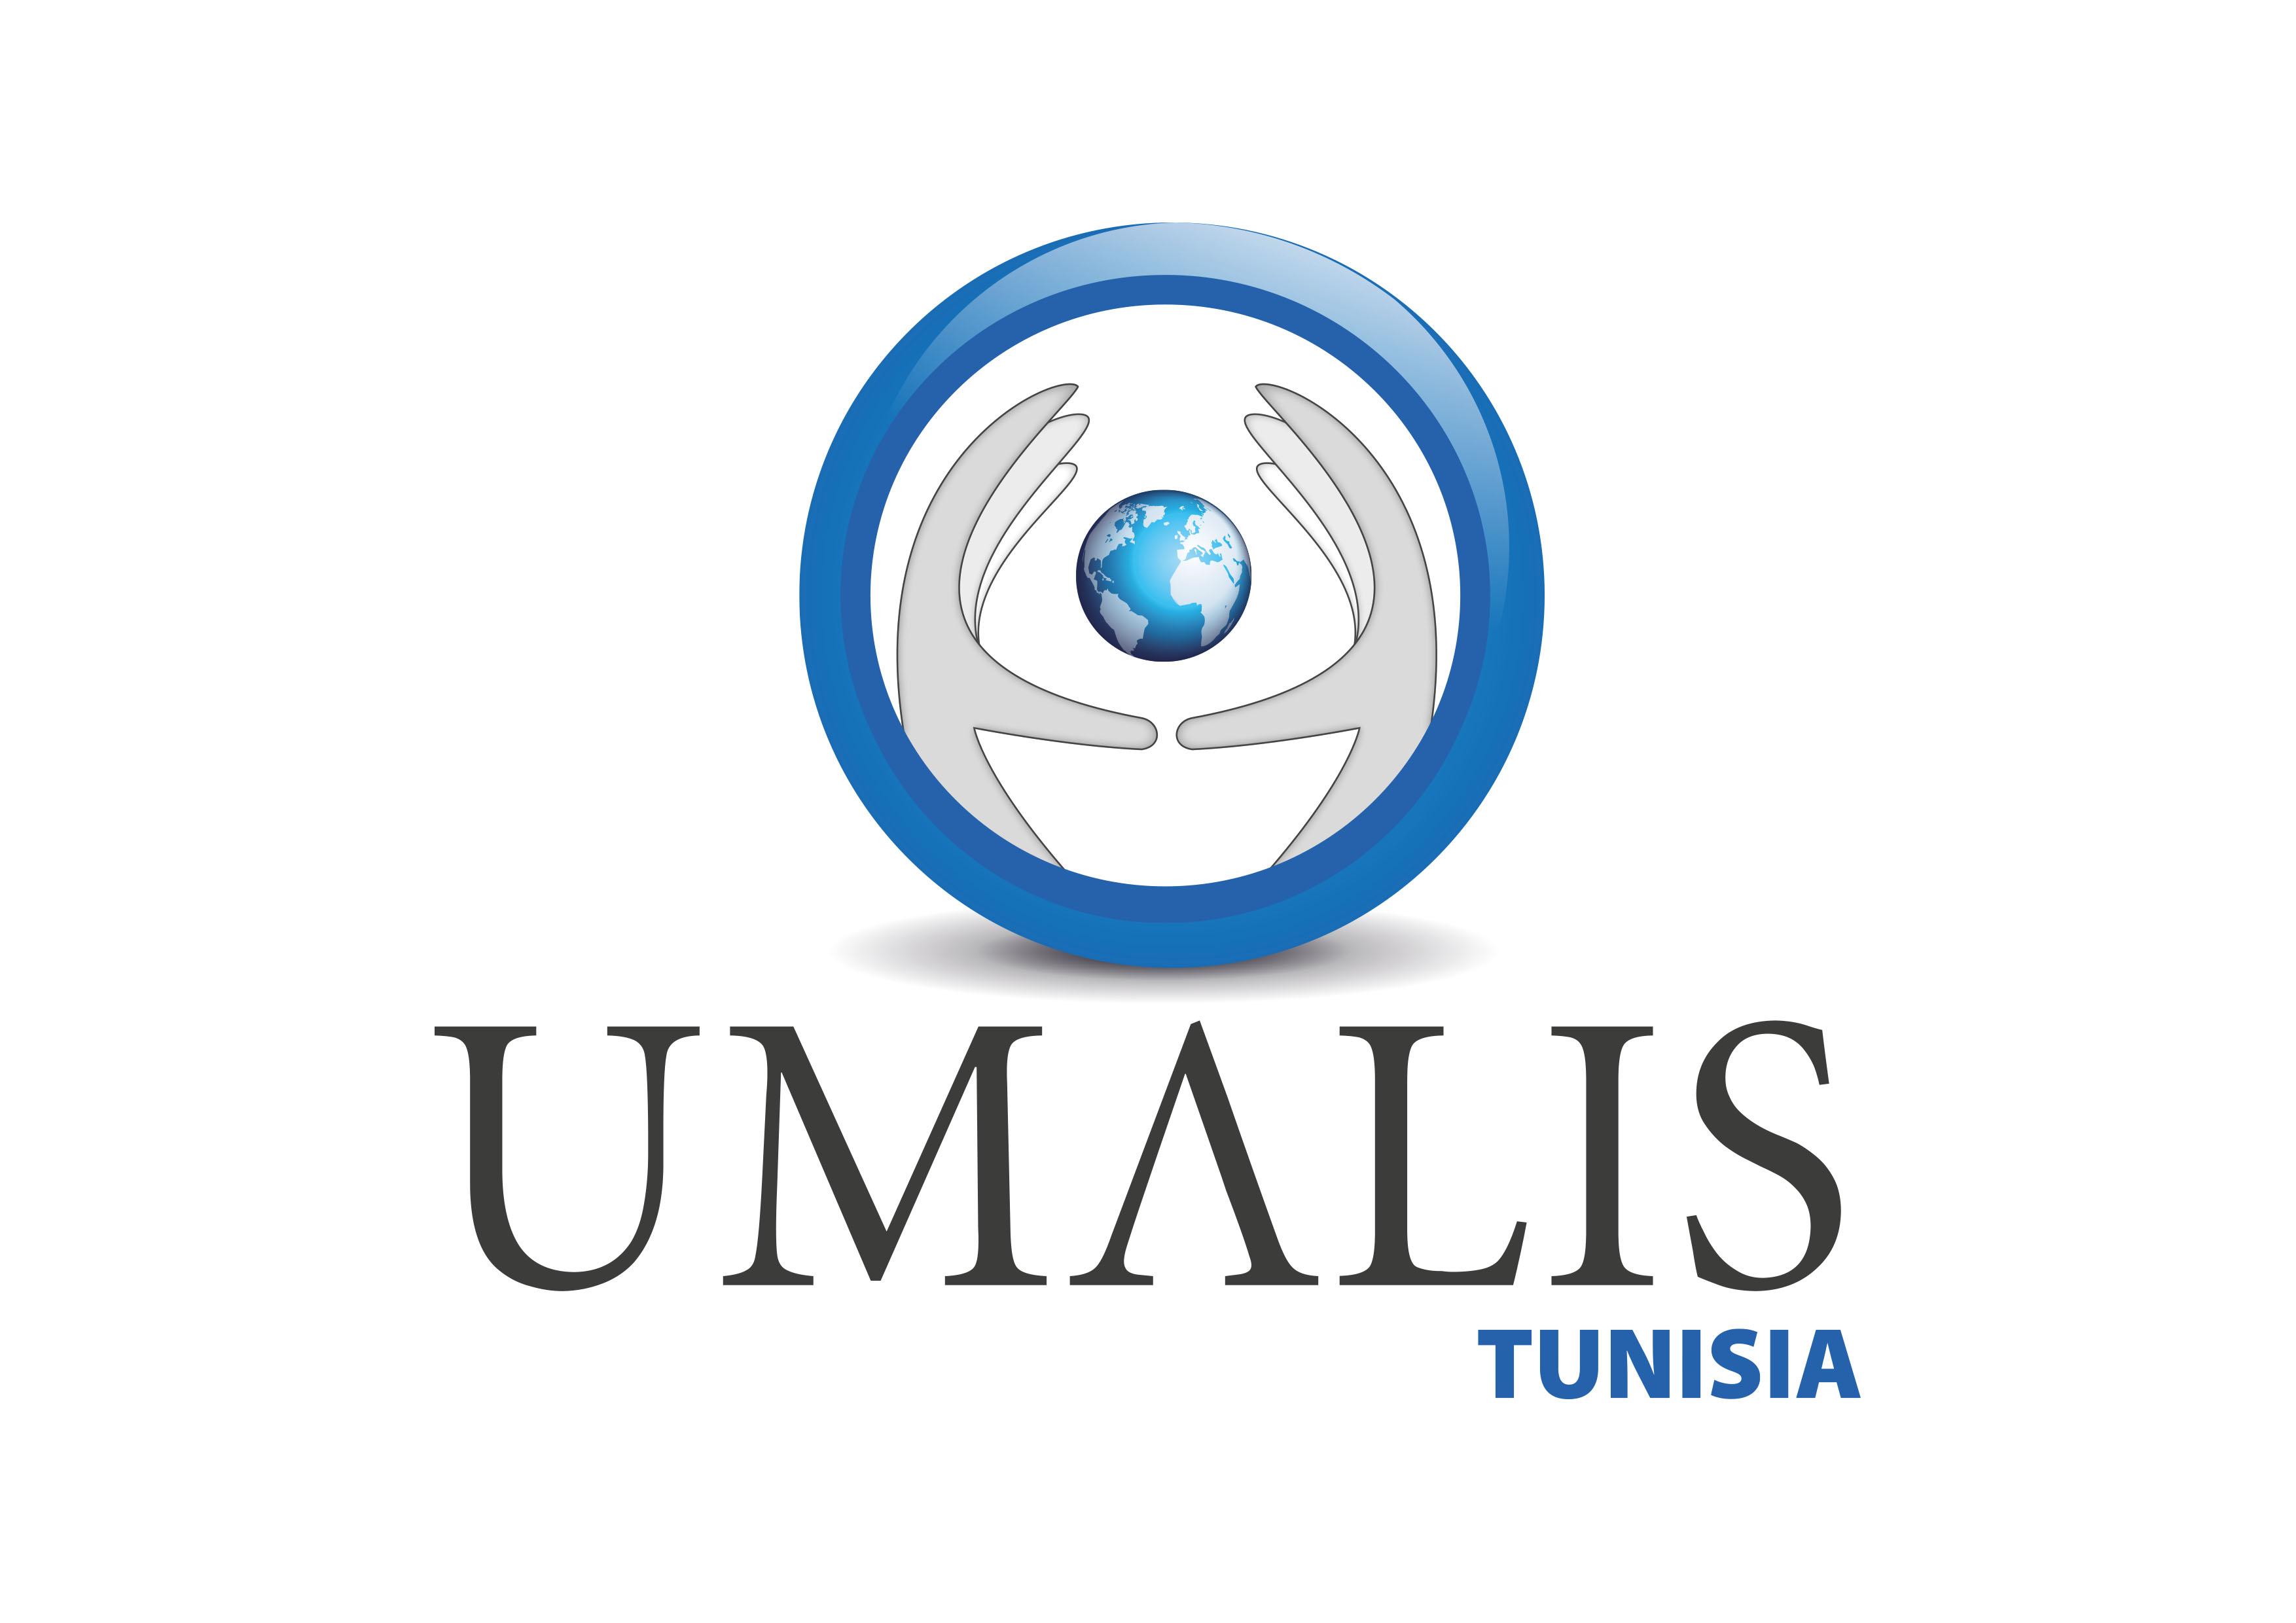 Umalis TUNISIA